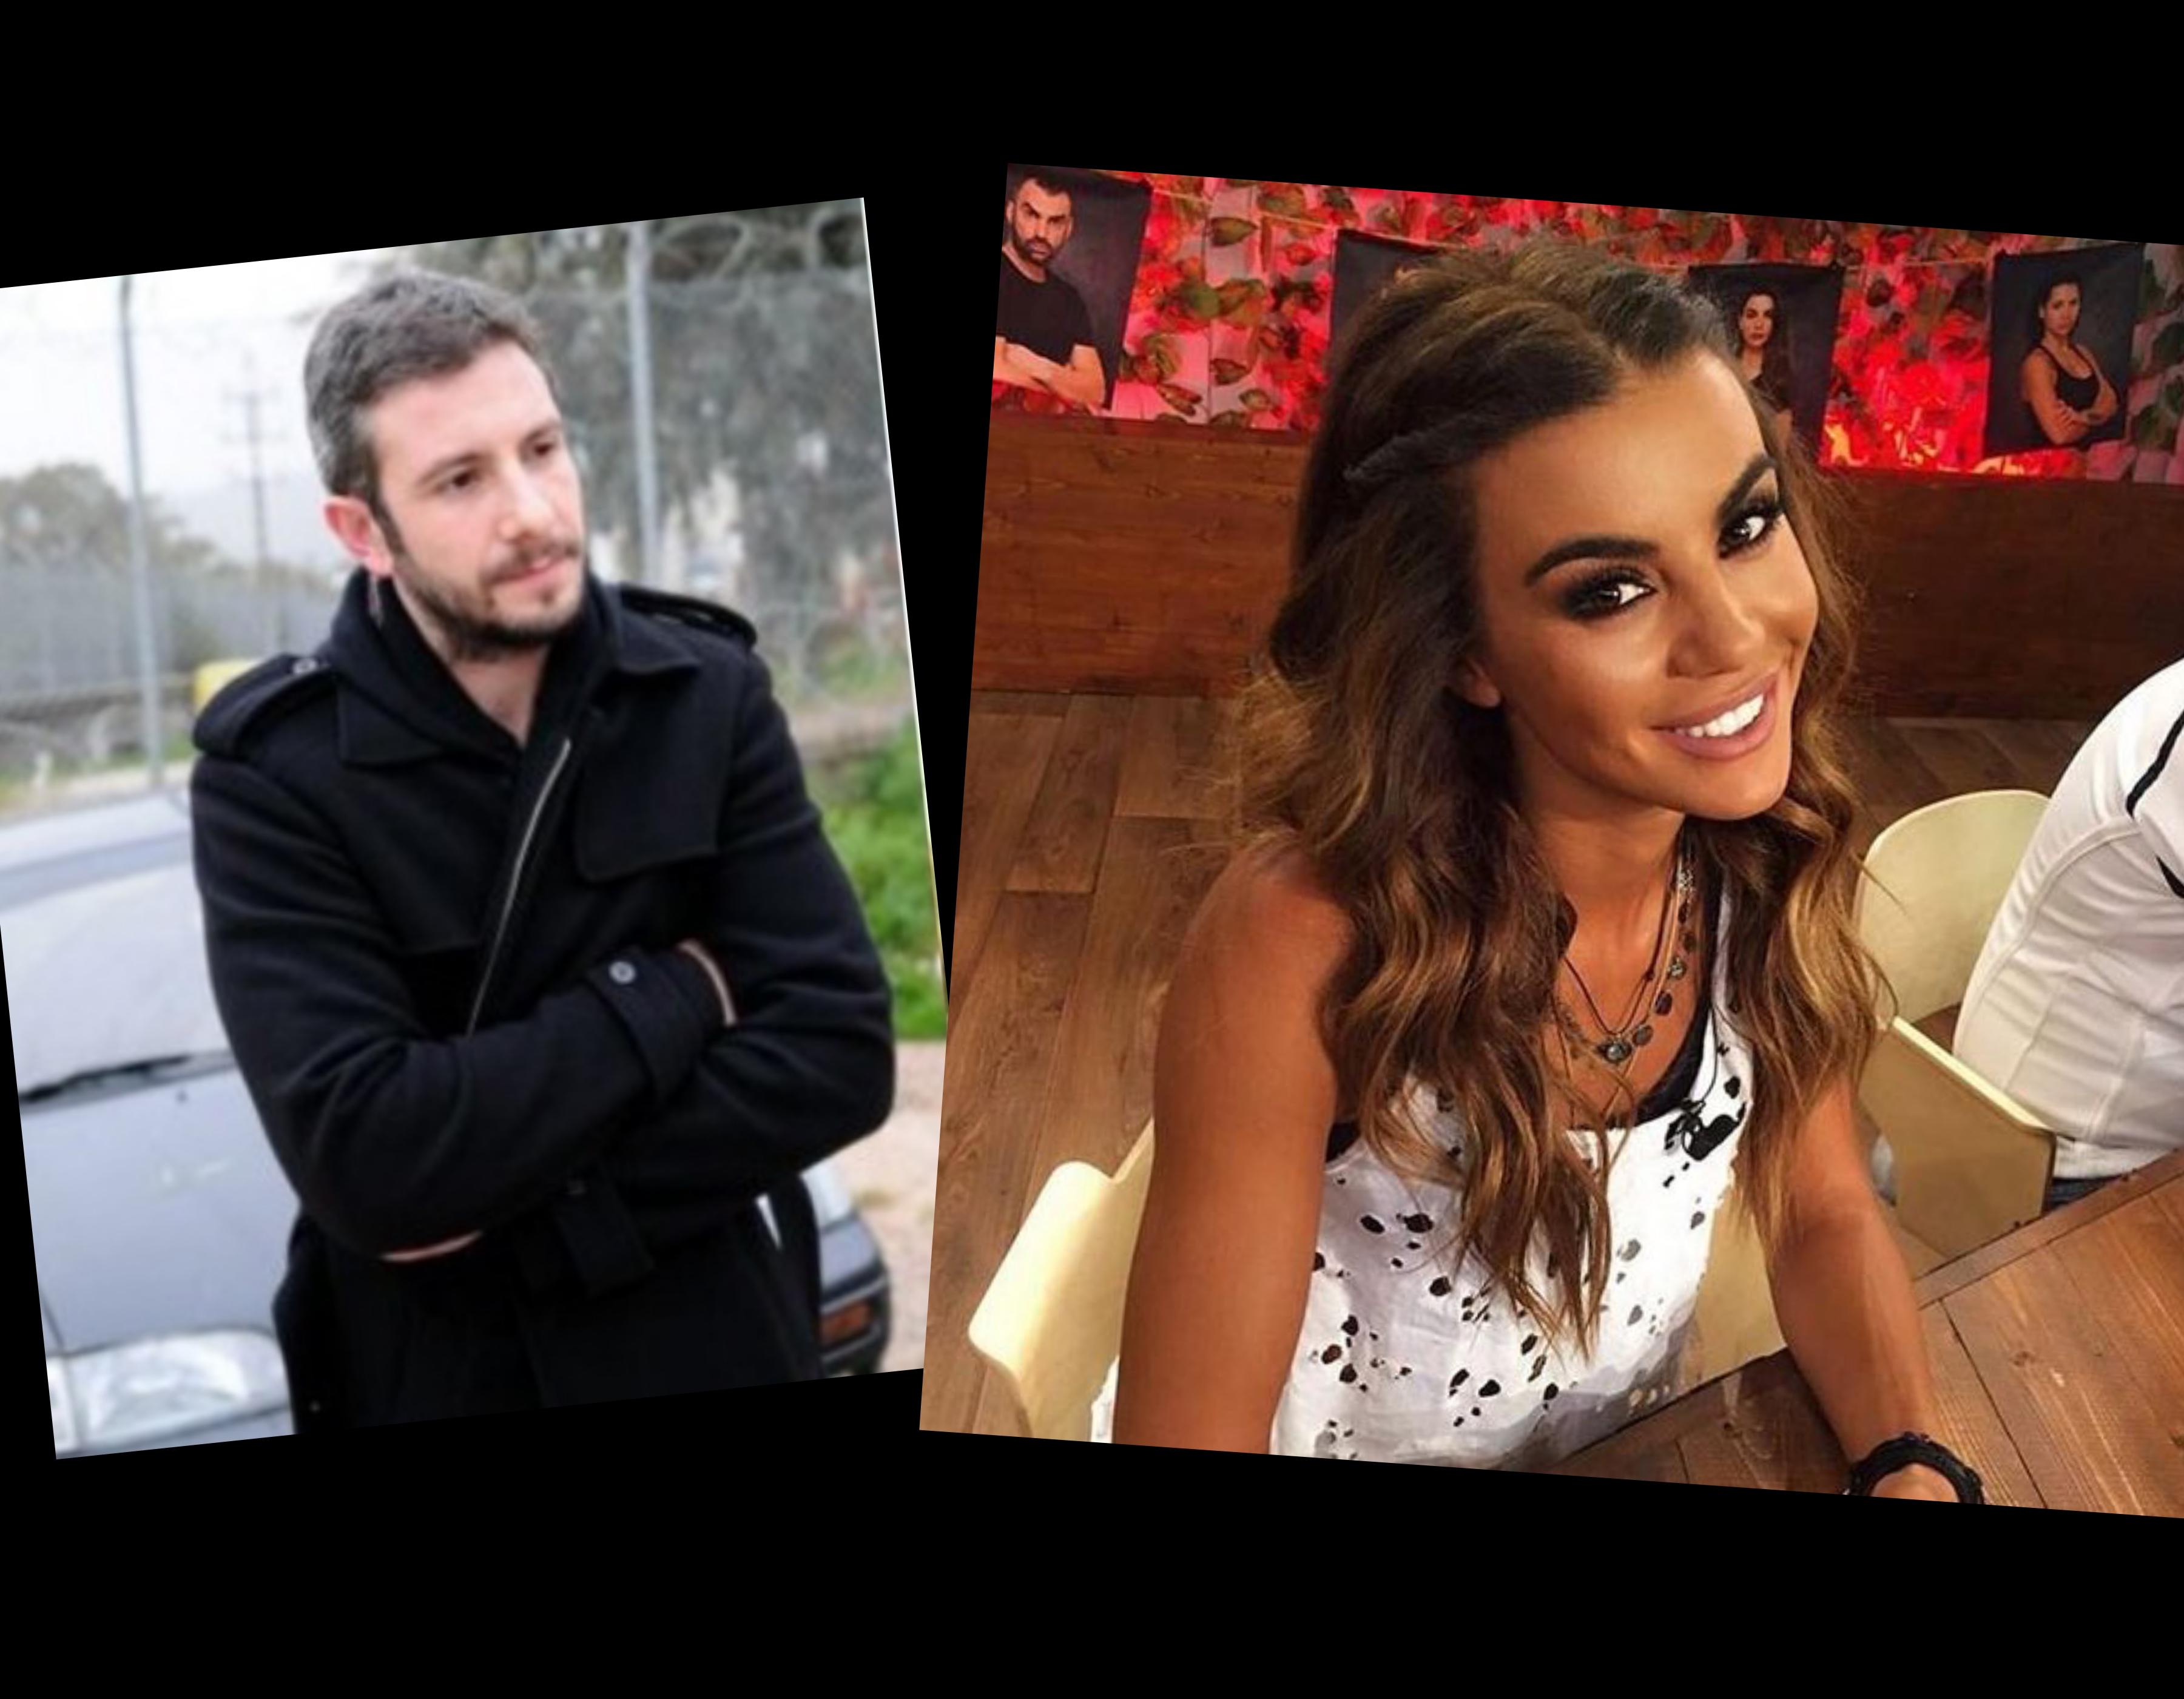 Είναι μαζί Παπαδοπούλου-Ψωμόπουλος; Όλη η αλήθεια